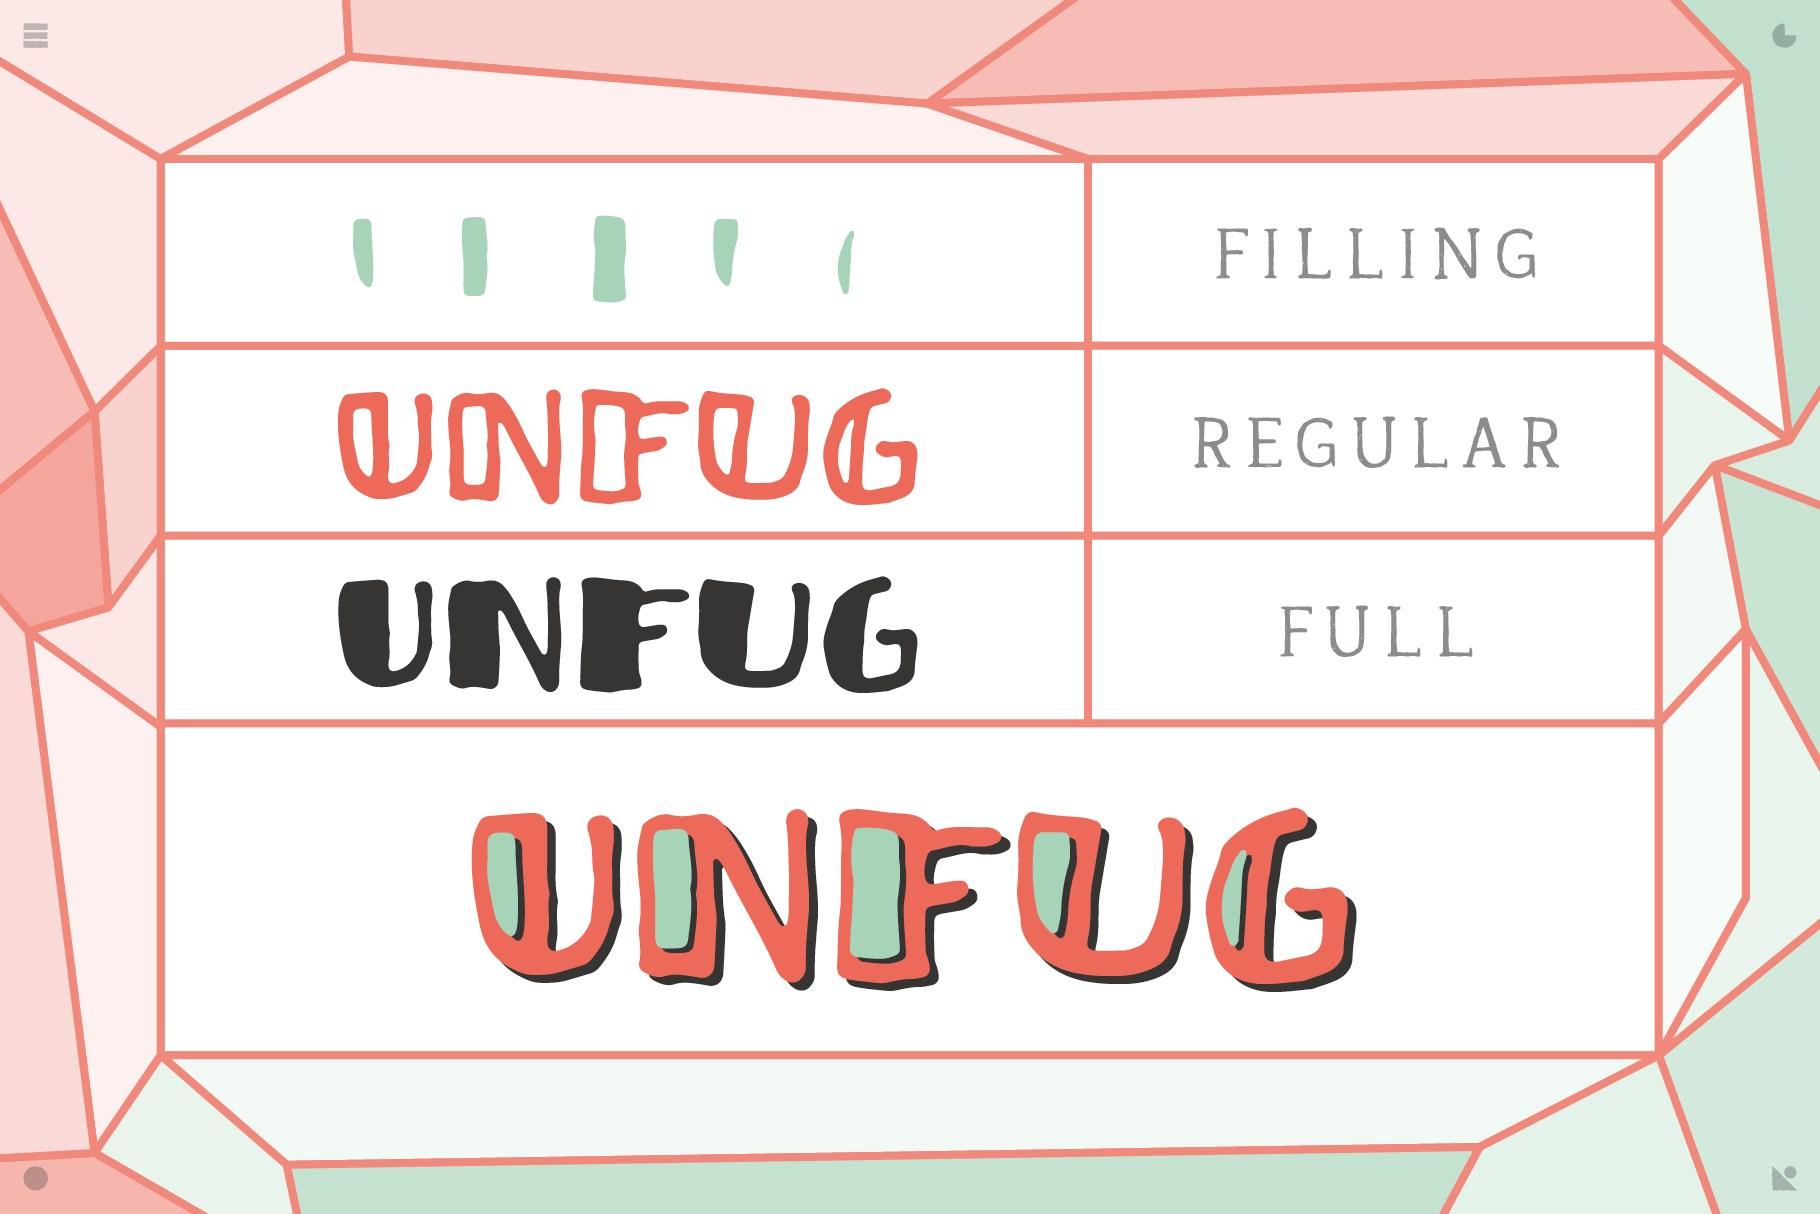 zumEgon_Fonts_Unfug-Box_02